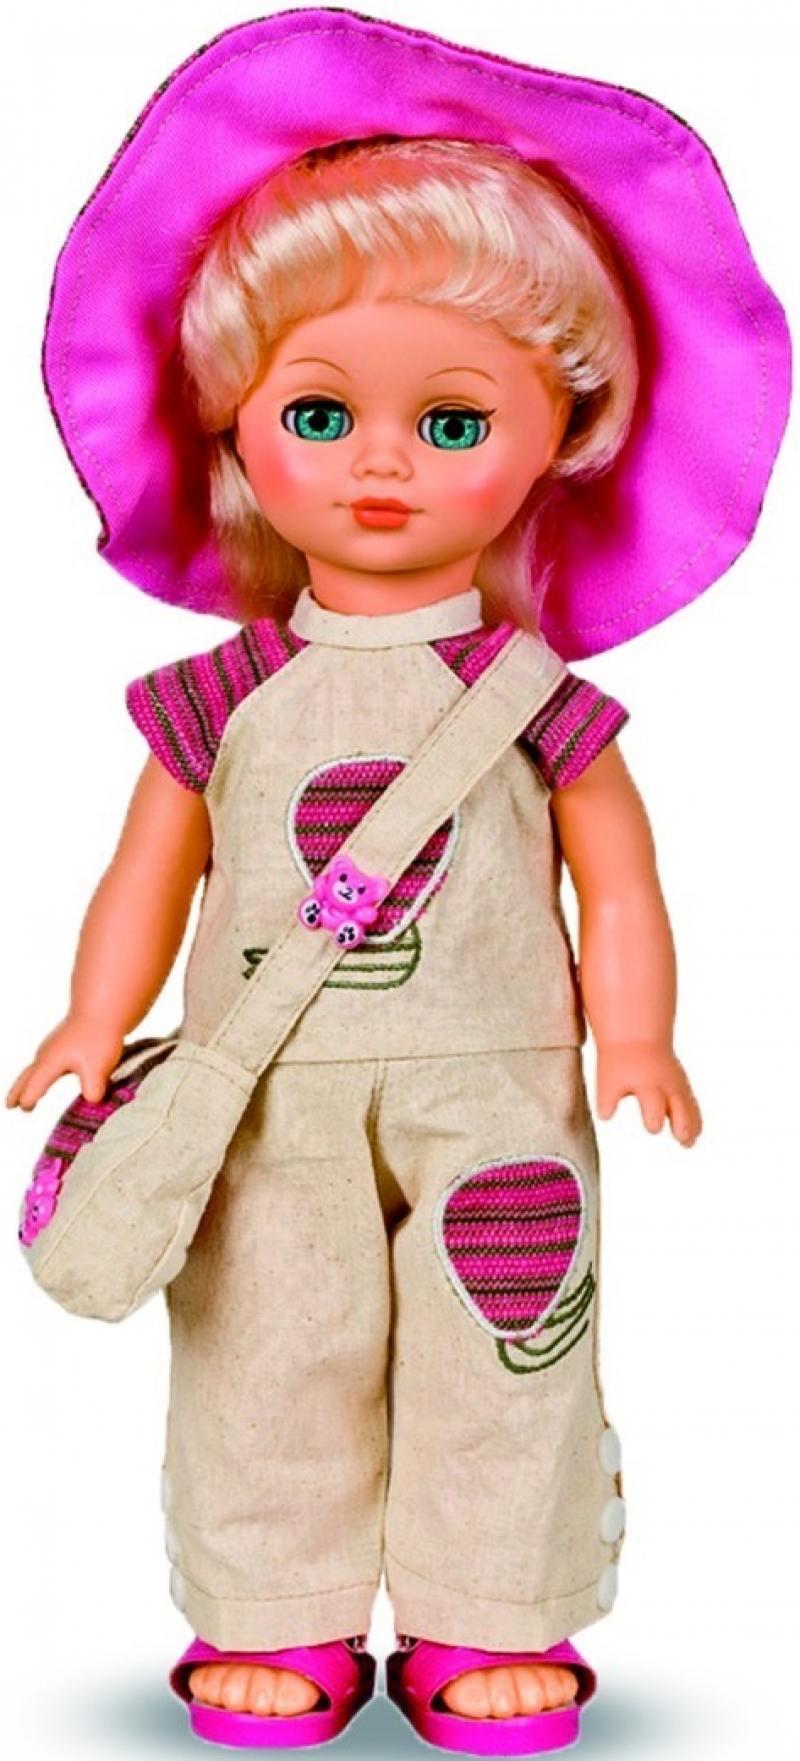 купить Кукла ВЕСНА Элла 2 (озвученная) по цене 1051 рублей